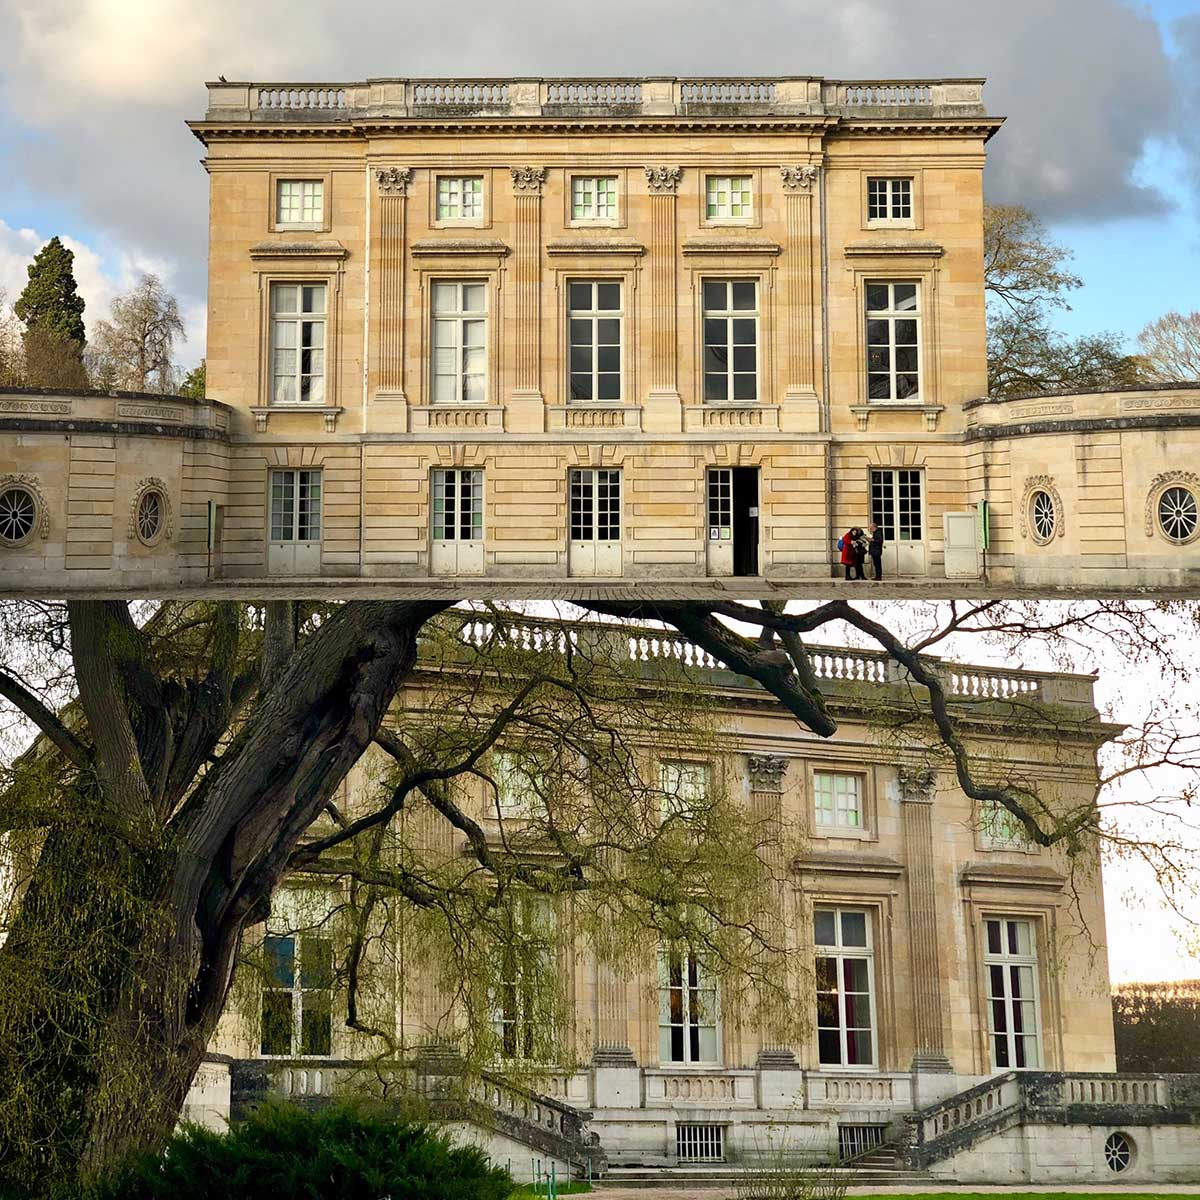 Facciata Sud (in alto) e Nord (in basso) dello château del Petit Trianon.